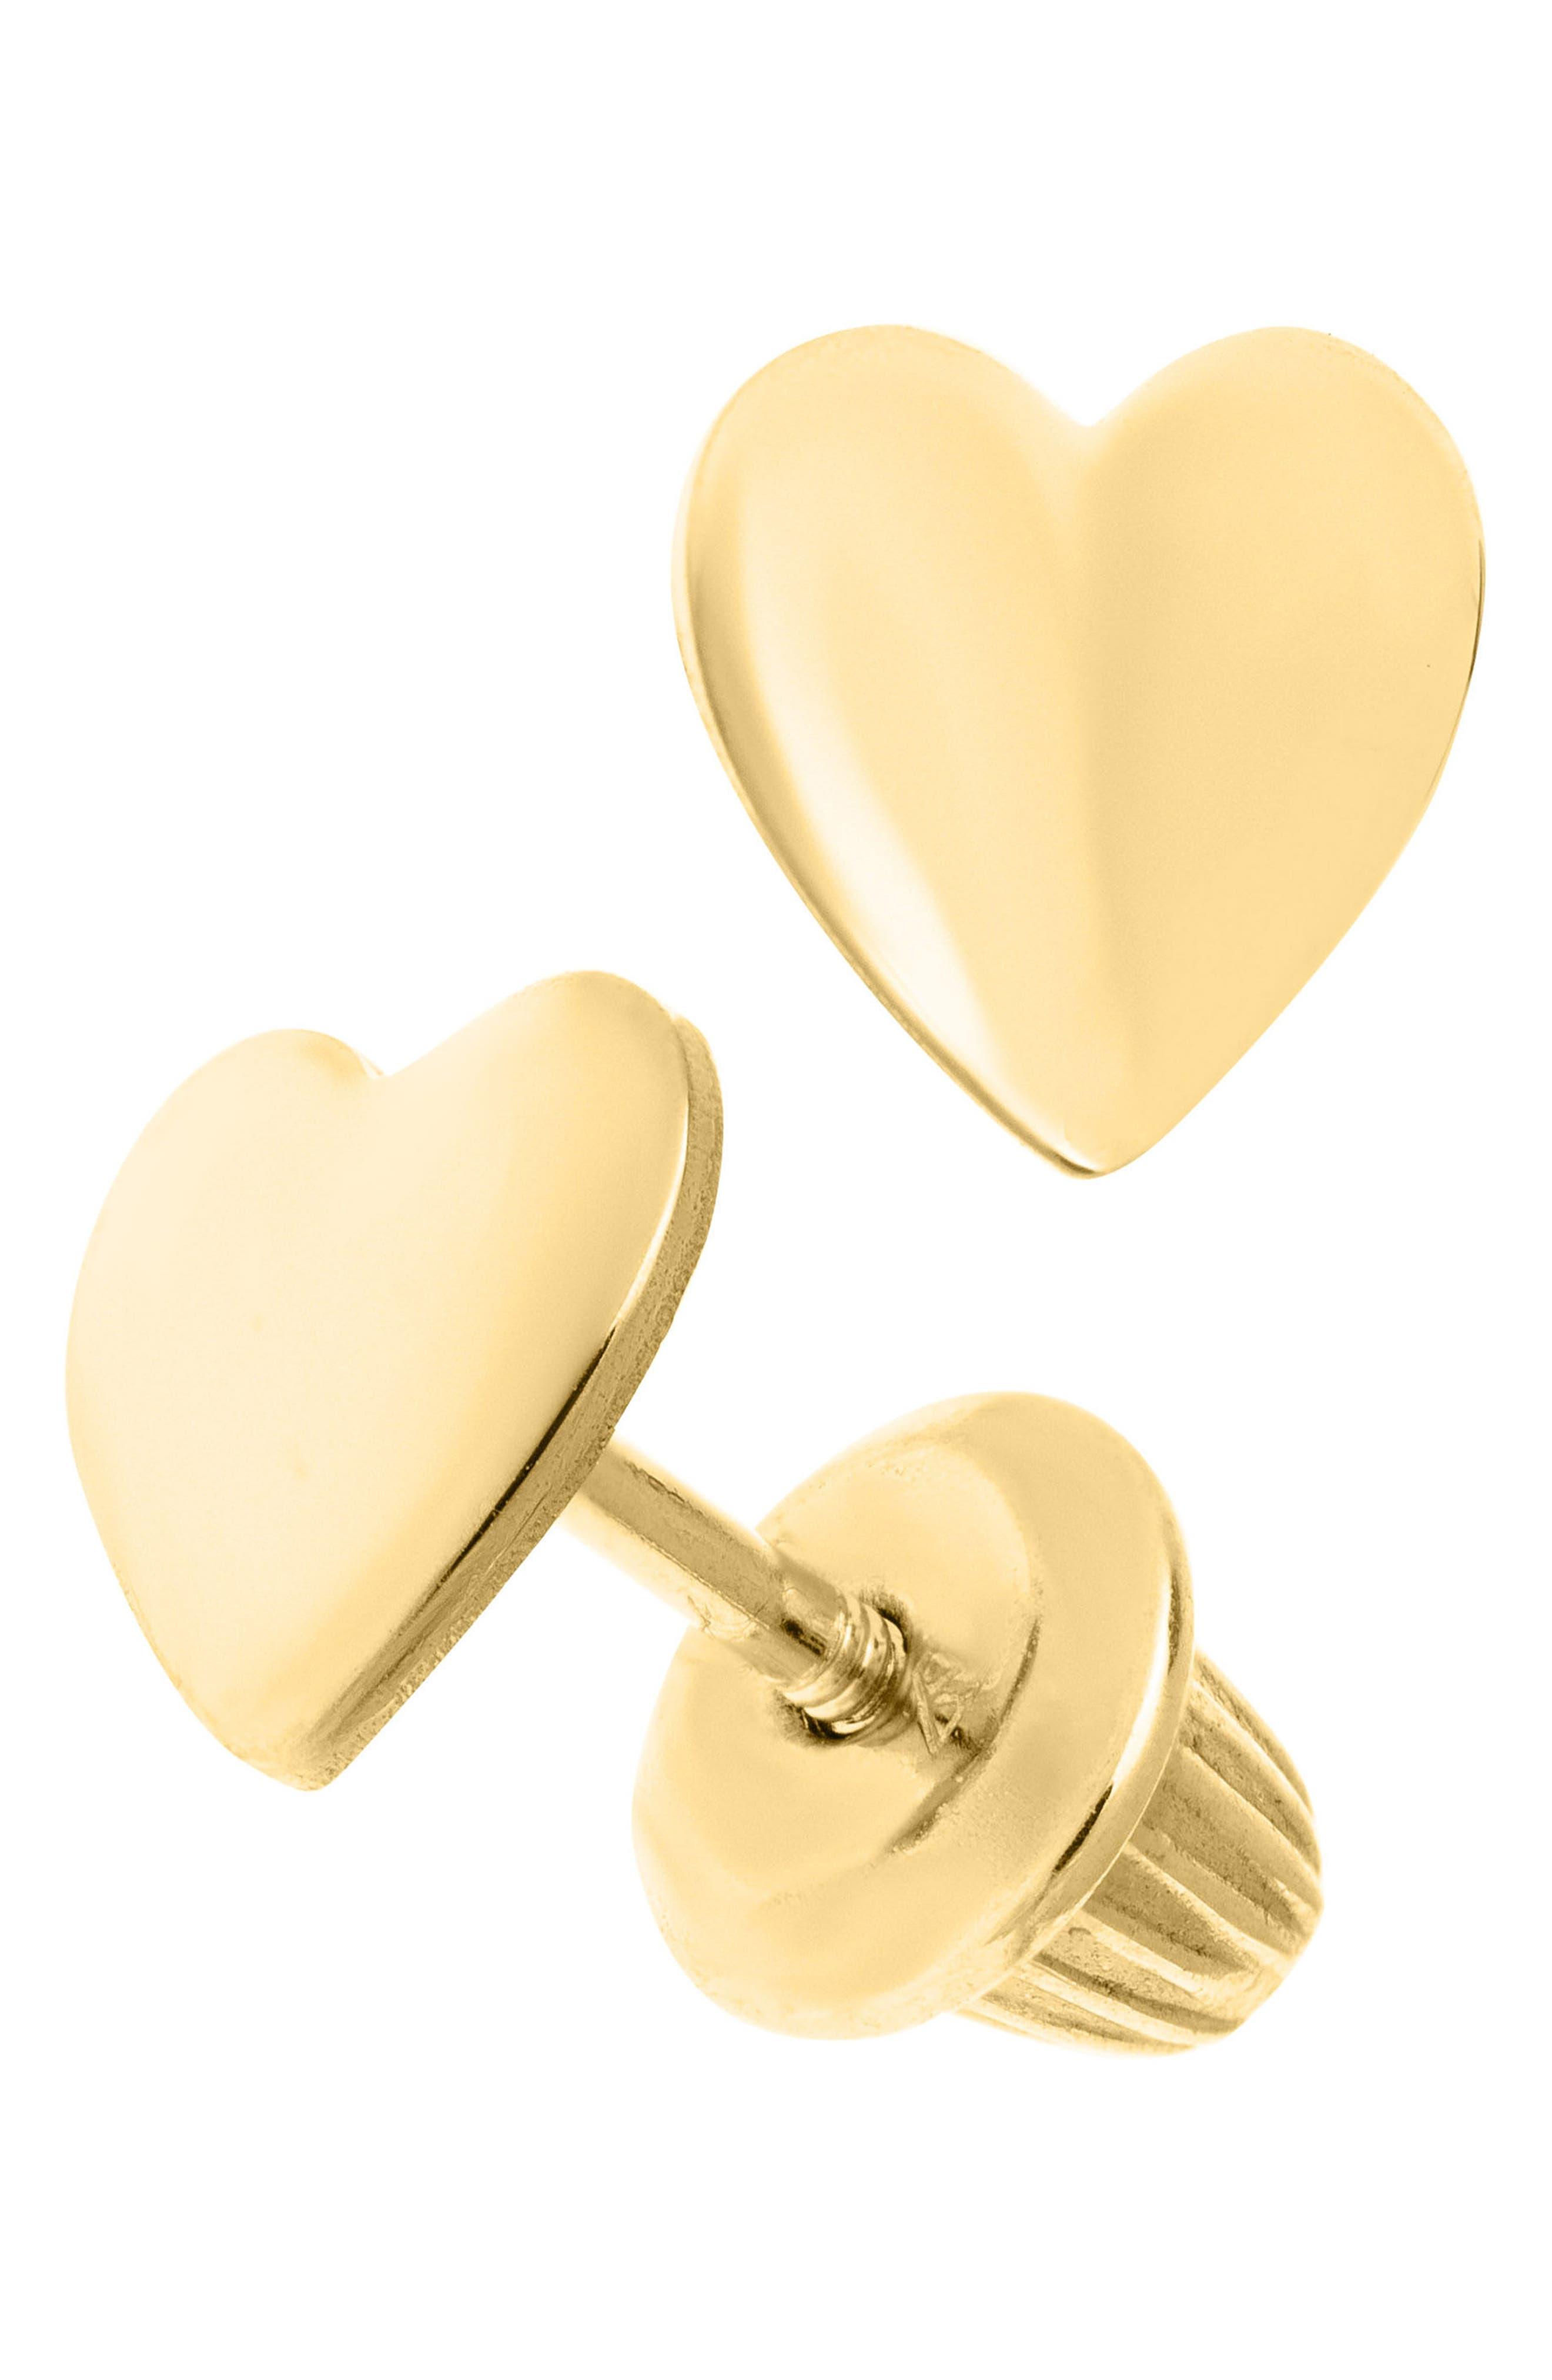 14k Gold Heart Earrings,                             Alternate thumbnail 2, color,                             Gold